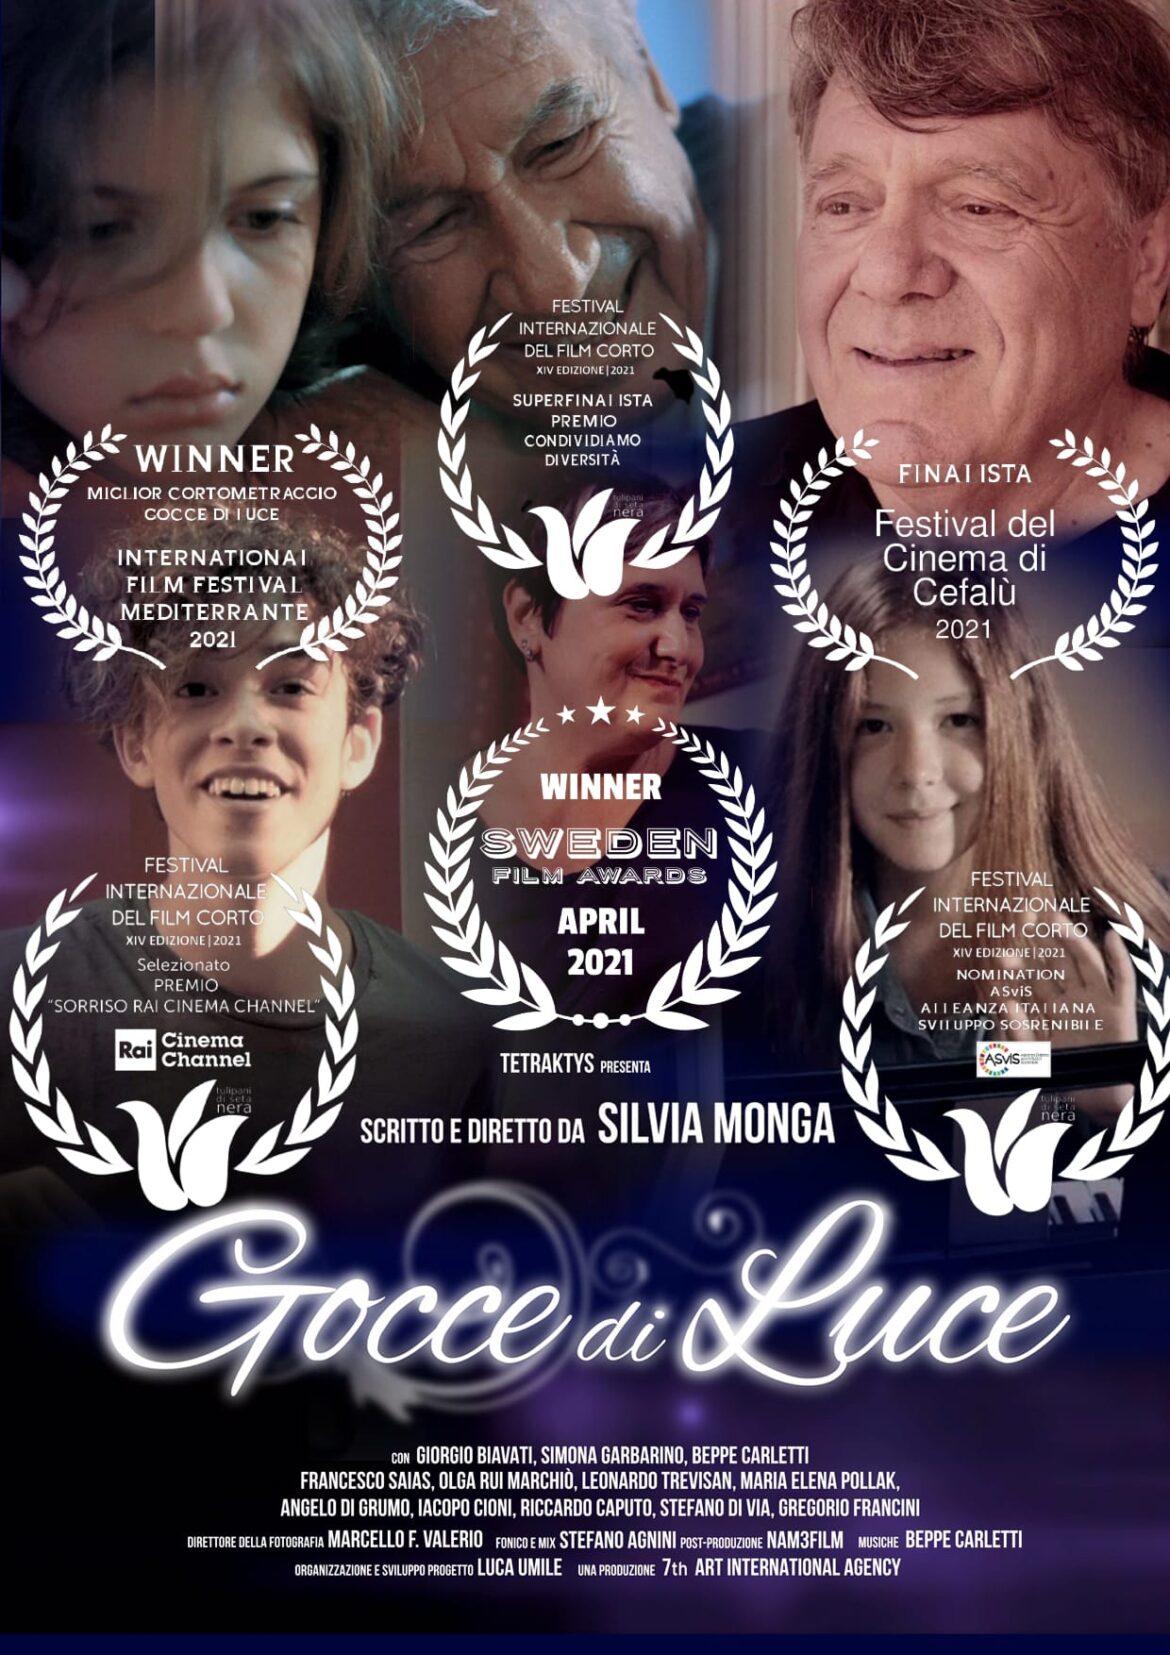 Gocce di luce: il cortometraggio sociale in Primissimo Piano